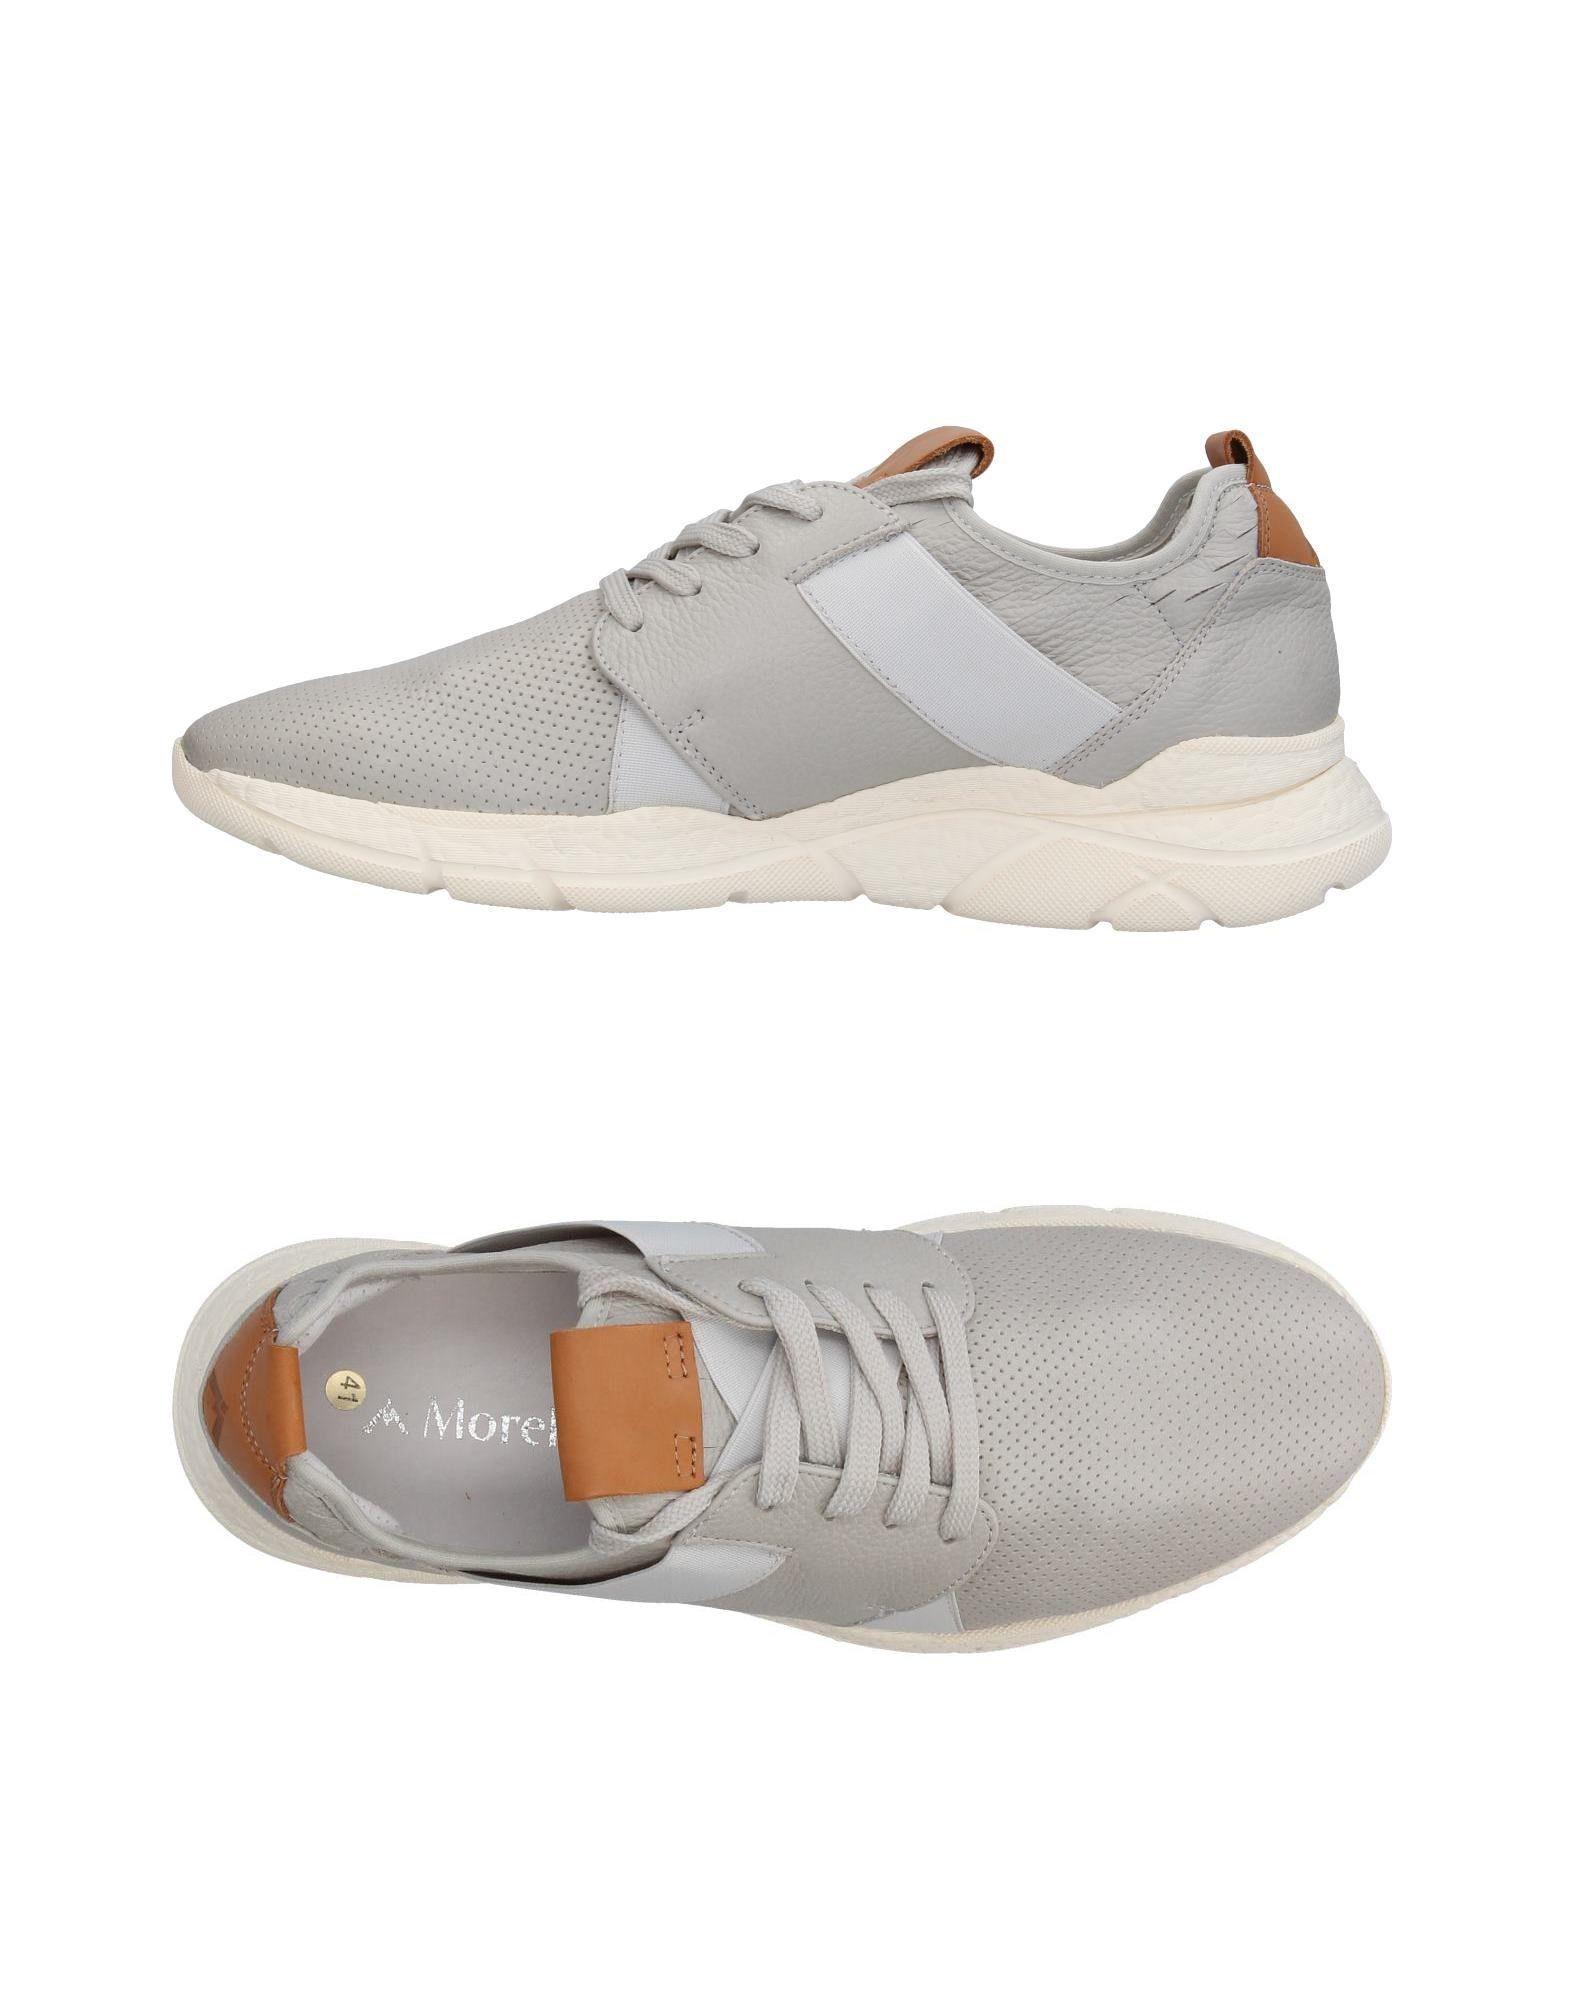 Sneakers Andrea Morelli Uomo - 11387981UA